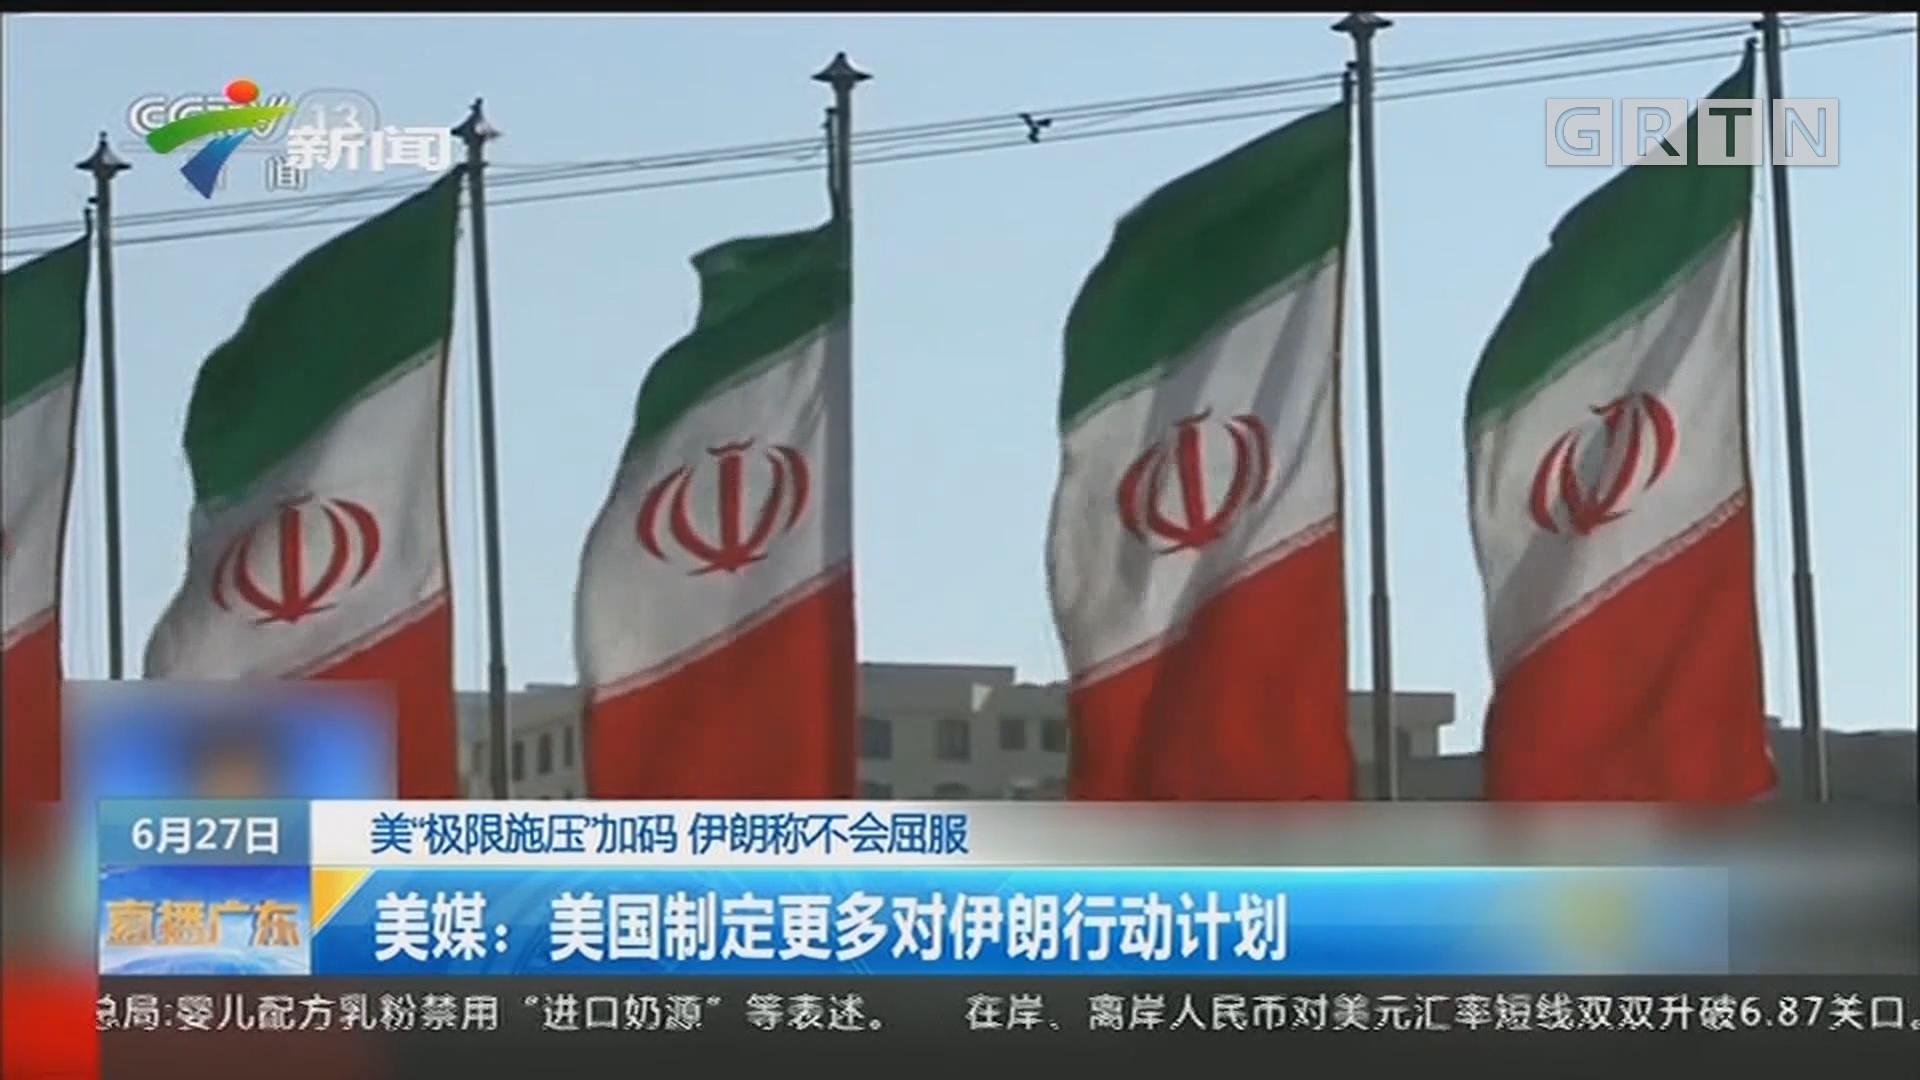 """美""""极限施压""""加码 伊朗称不会屈服 美媒:美国制定更多对伊朗行动计划"""